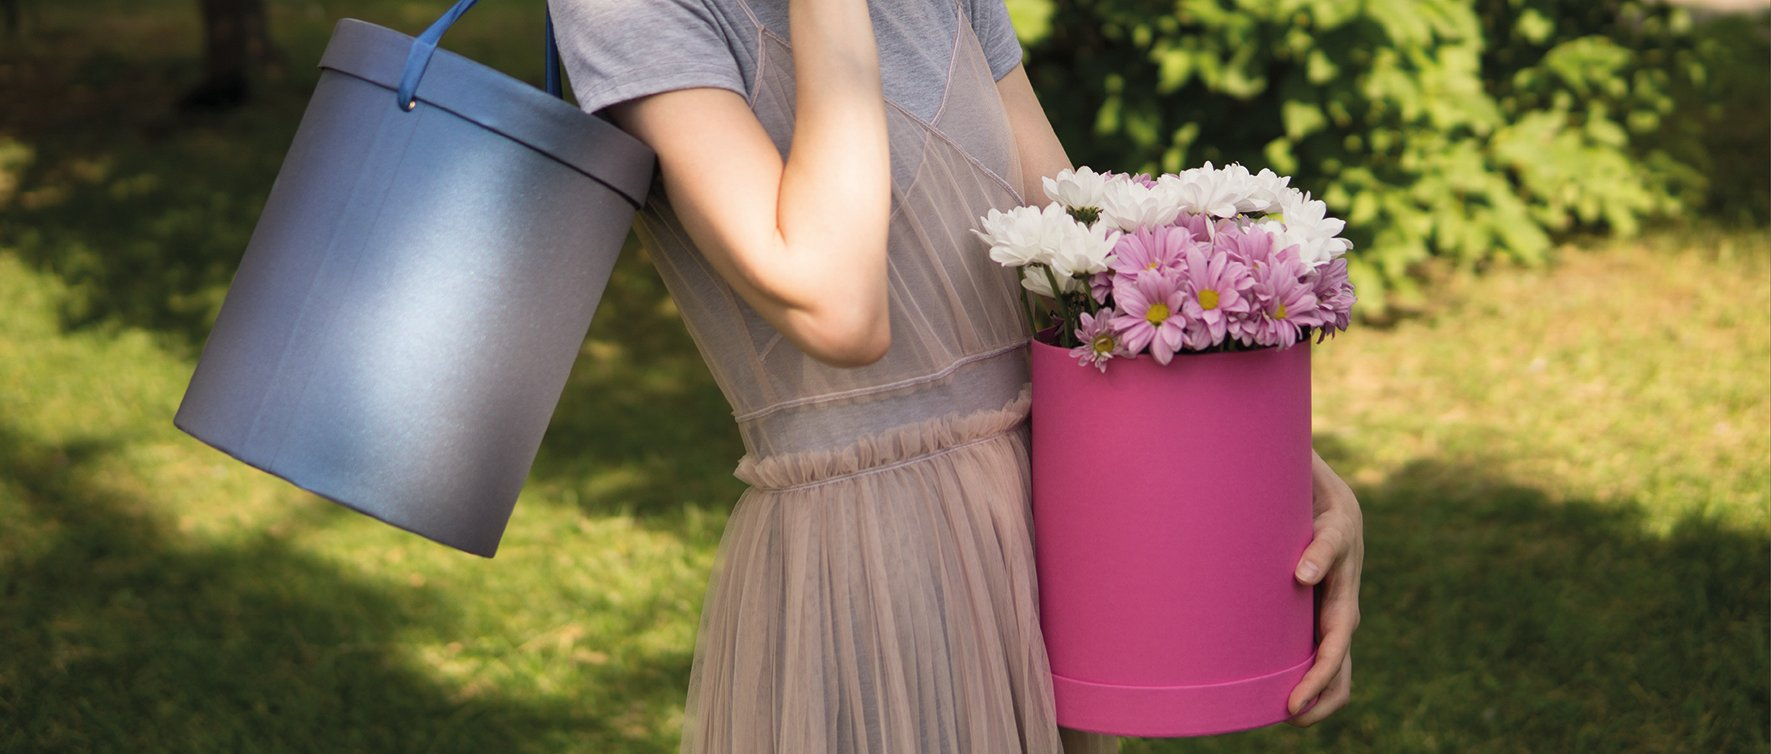 Шляпные коробки для цветов